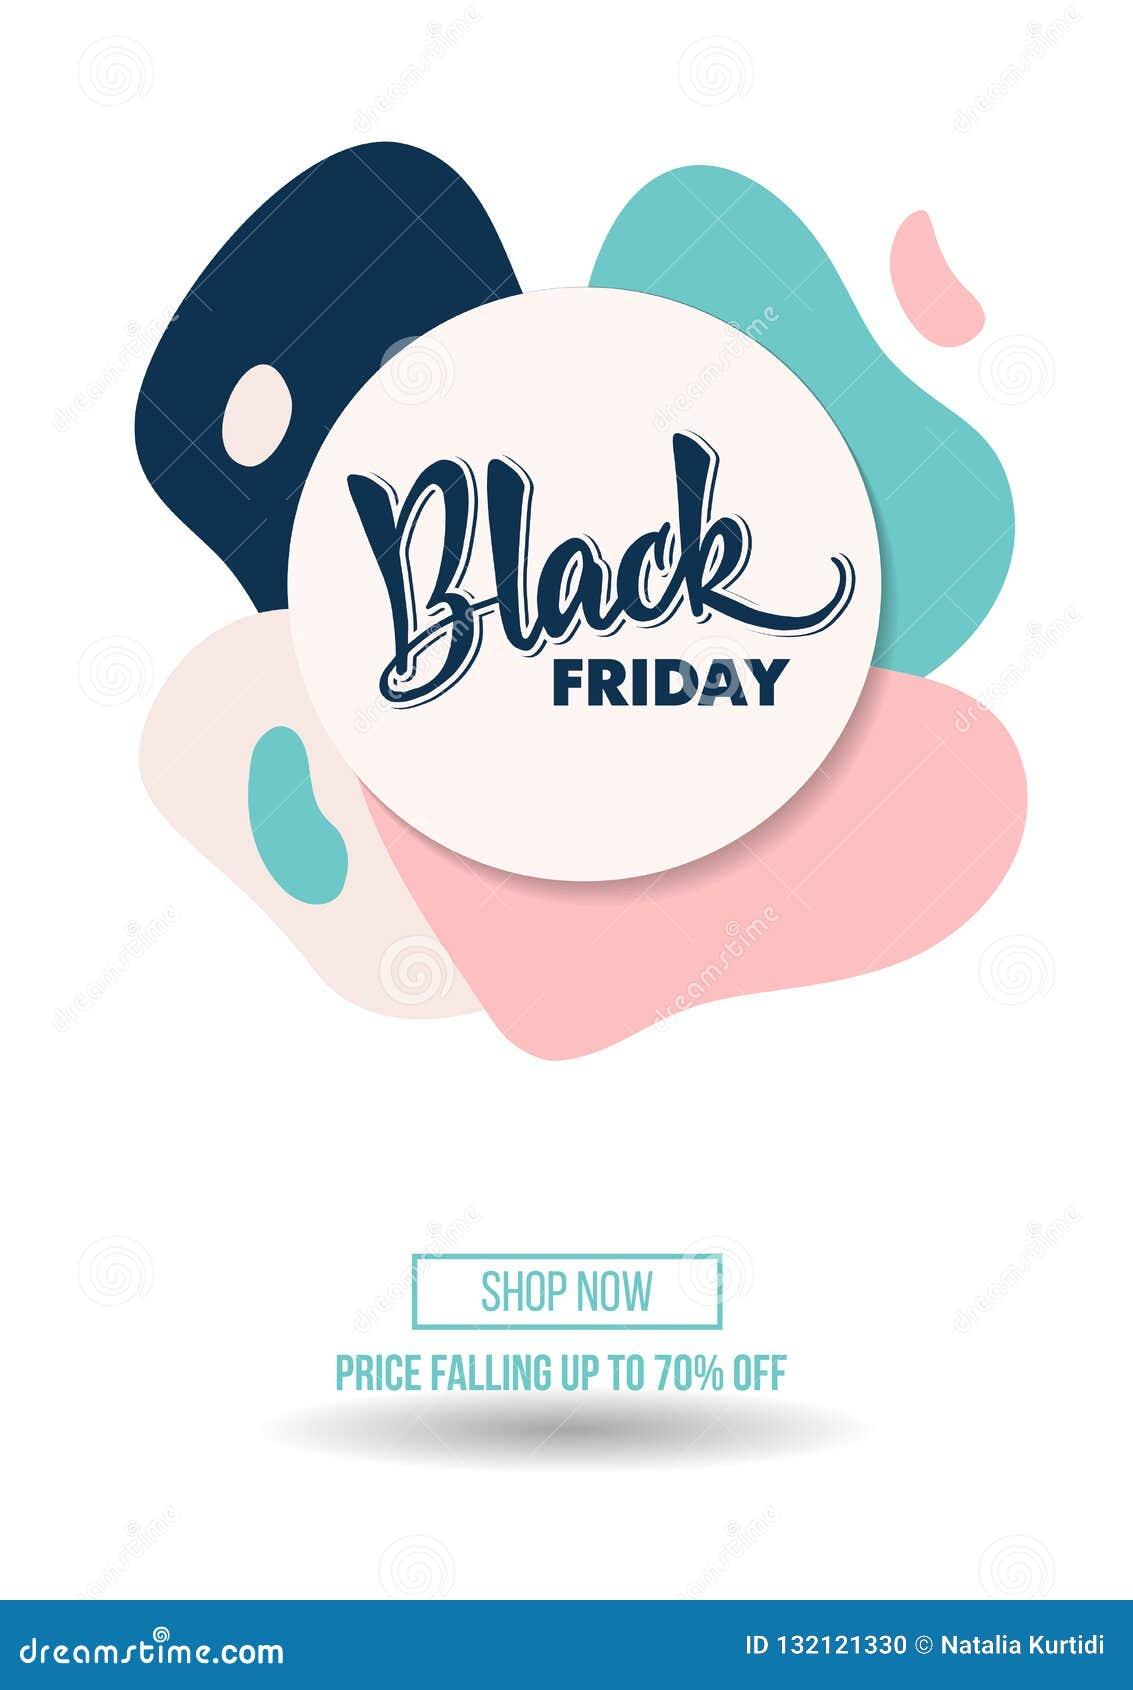 Cartaz da oferta do promo do desconto da venda de Black Friday ou mosca do anúncio